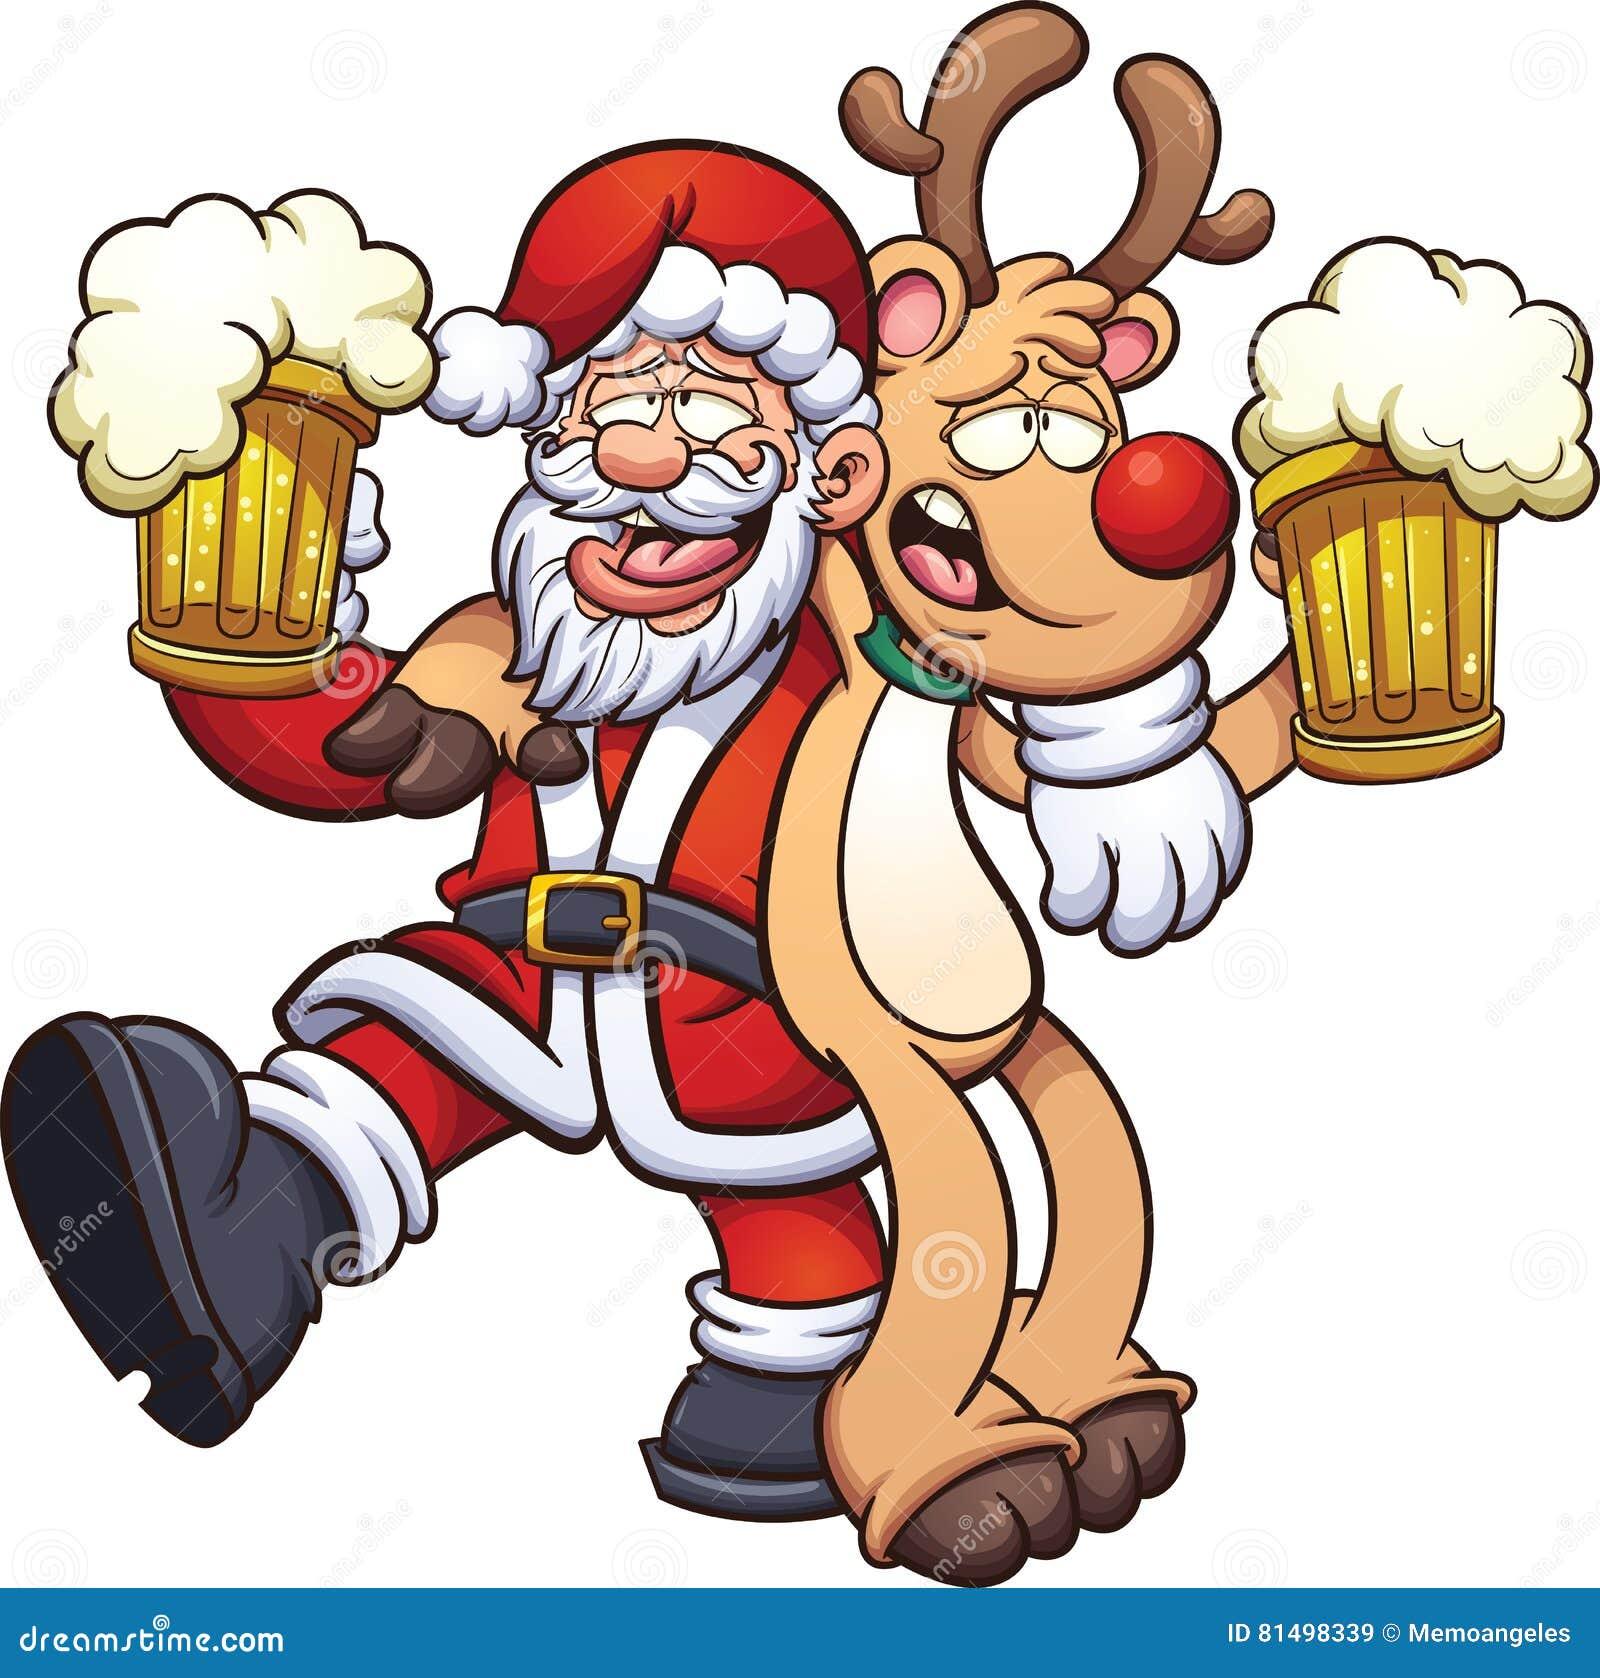 Babbo Natale Ubriaco.Il Babbo Natale Ubriaco Illustrazione Vettoriale Illustrazione Di